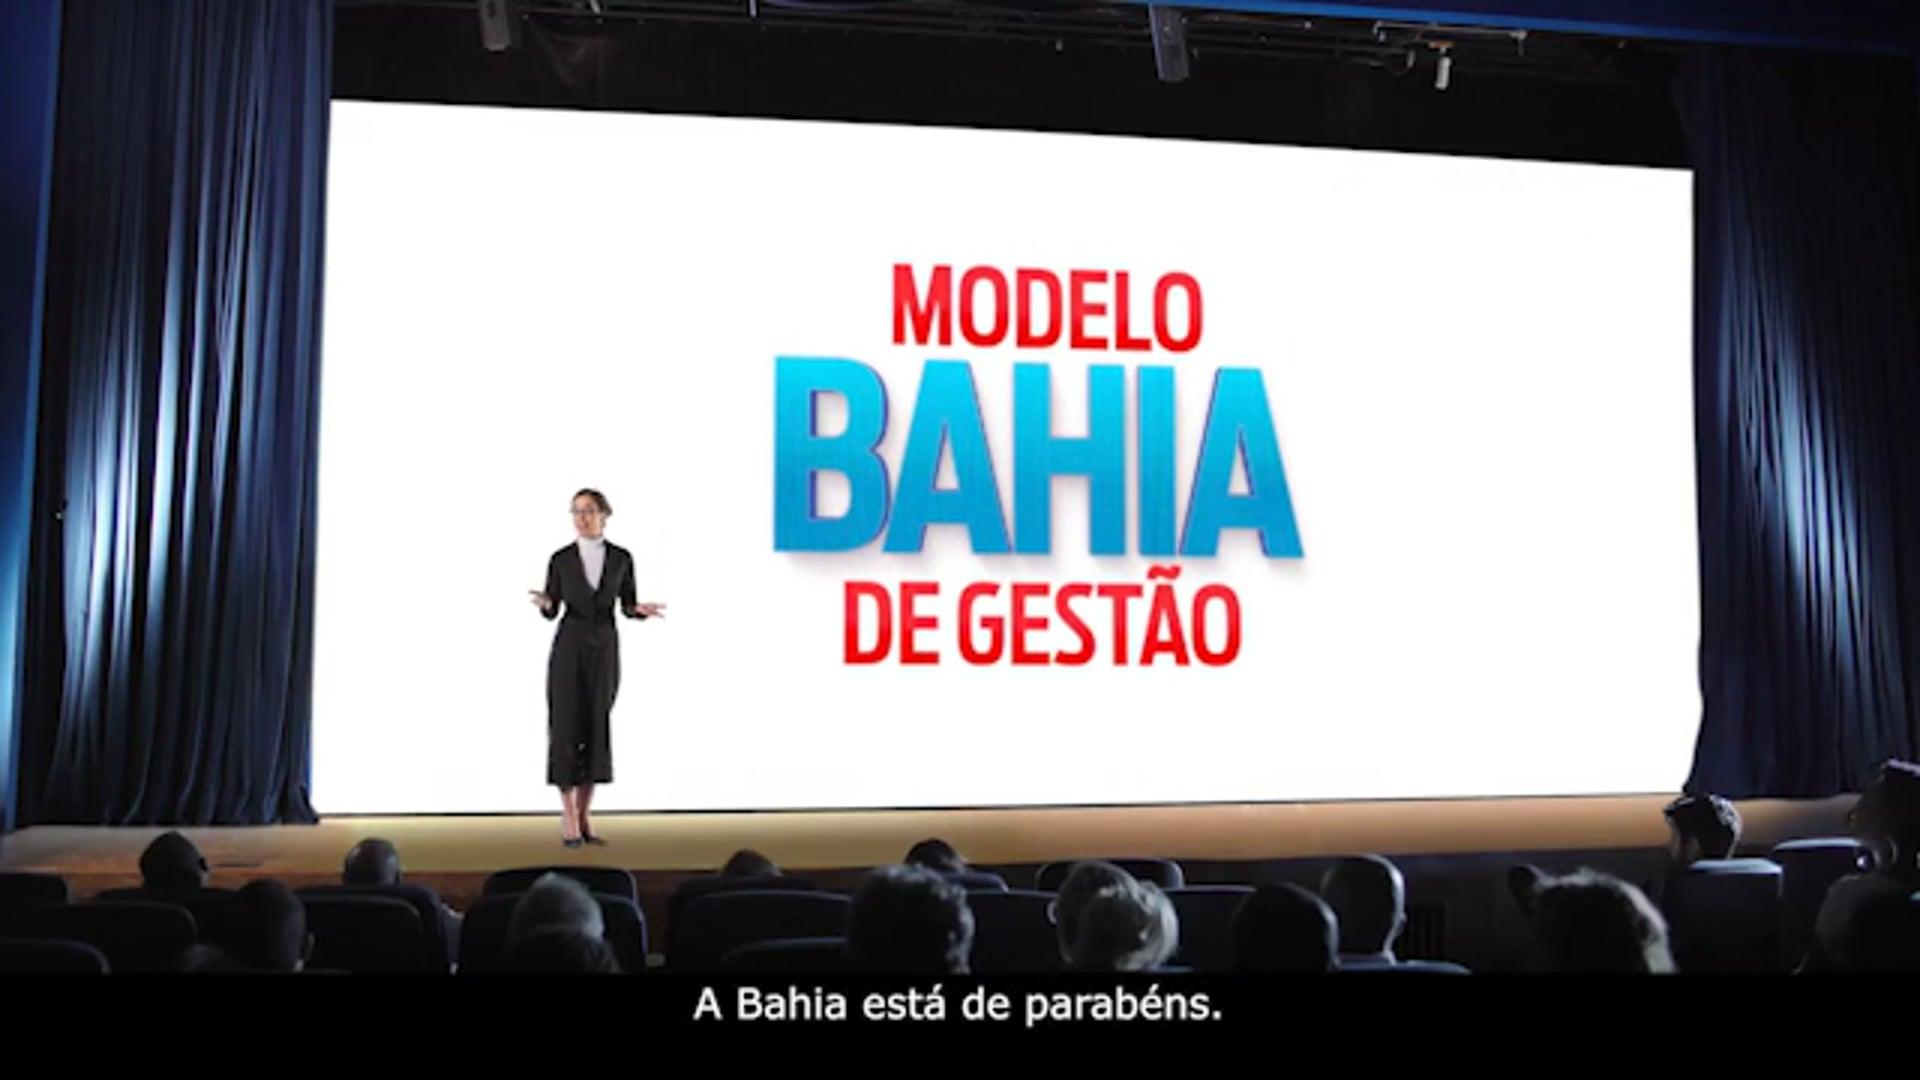 SEFAZ (BA) - Modelo Bahia de Gestão